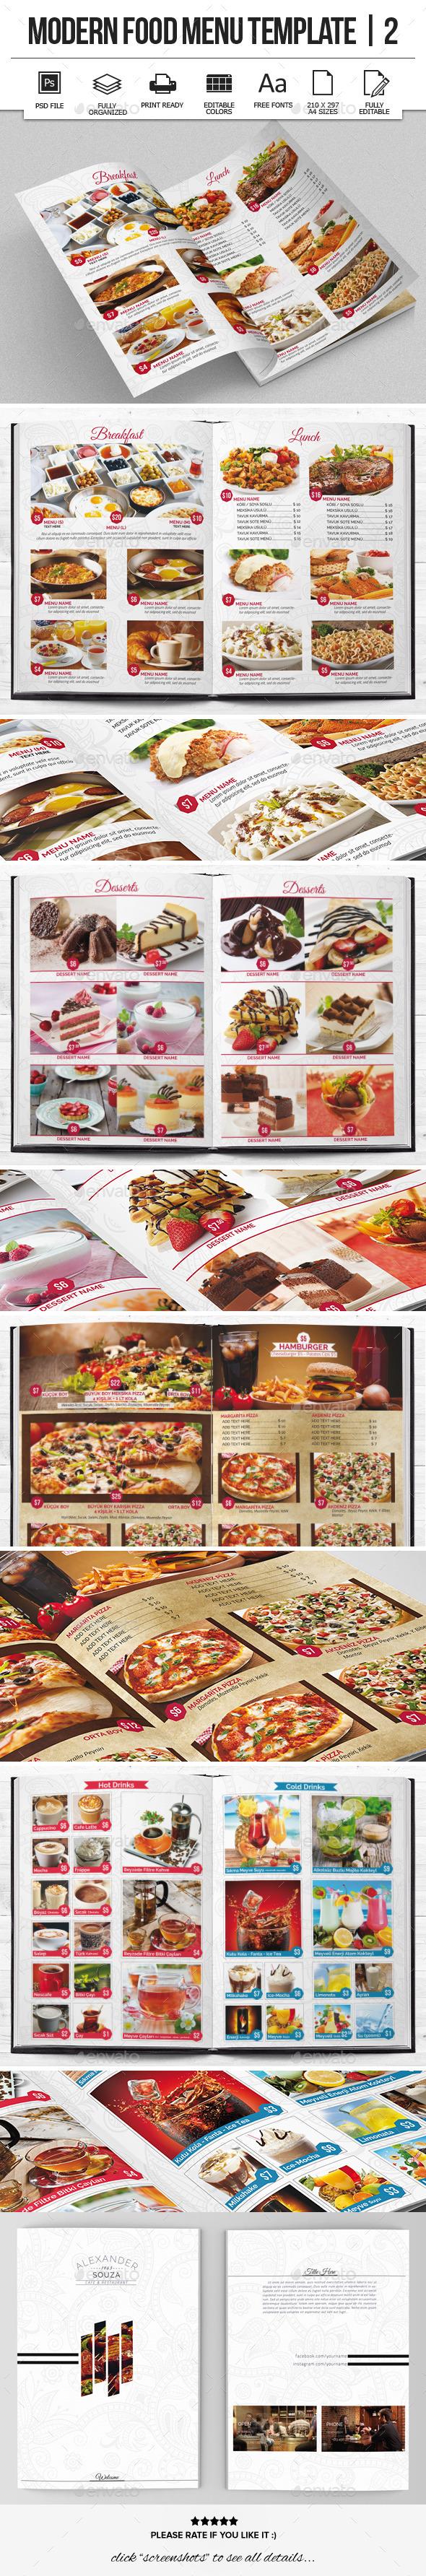 Modern Food Menu Design 2 - Food Menus Print Templates